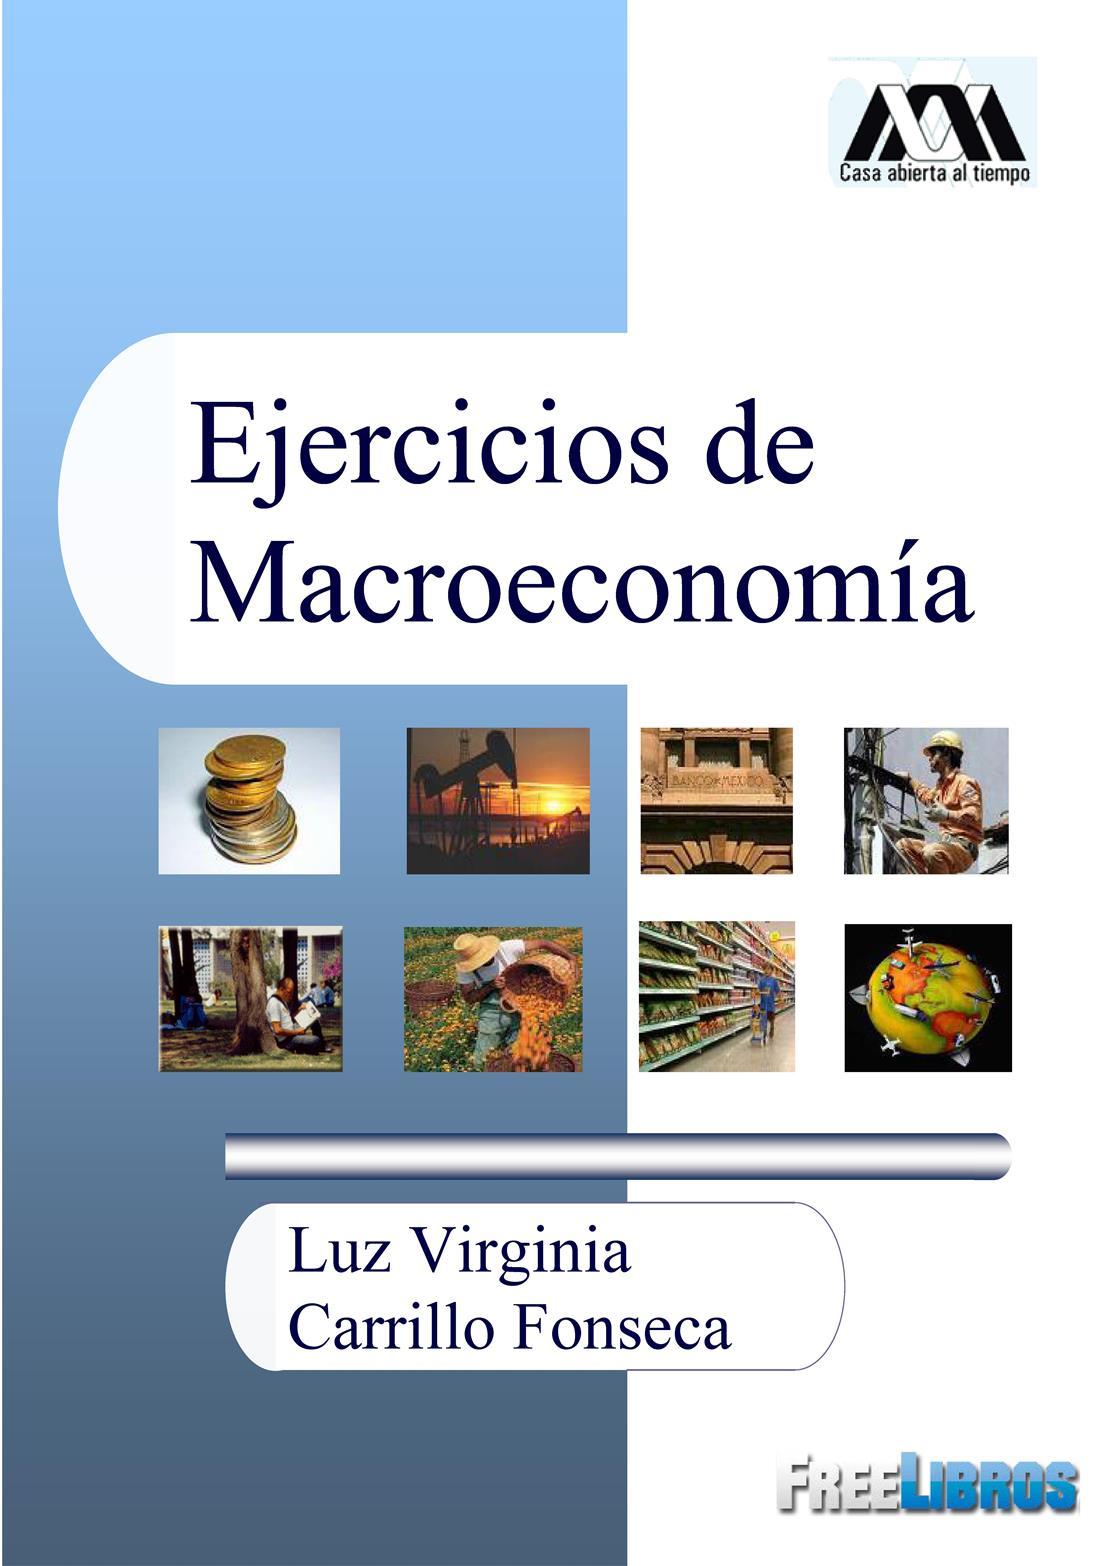 Ejercicios de Macroeconomía – Luz Virginia Carillo Fonseca